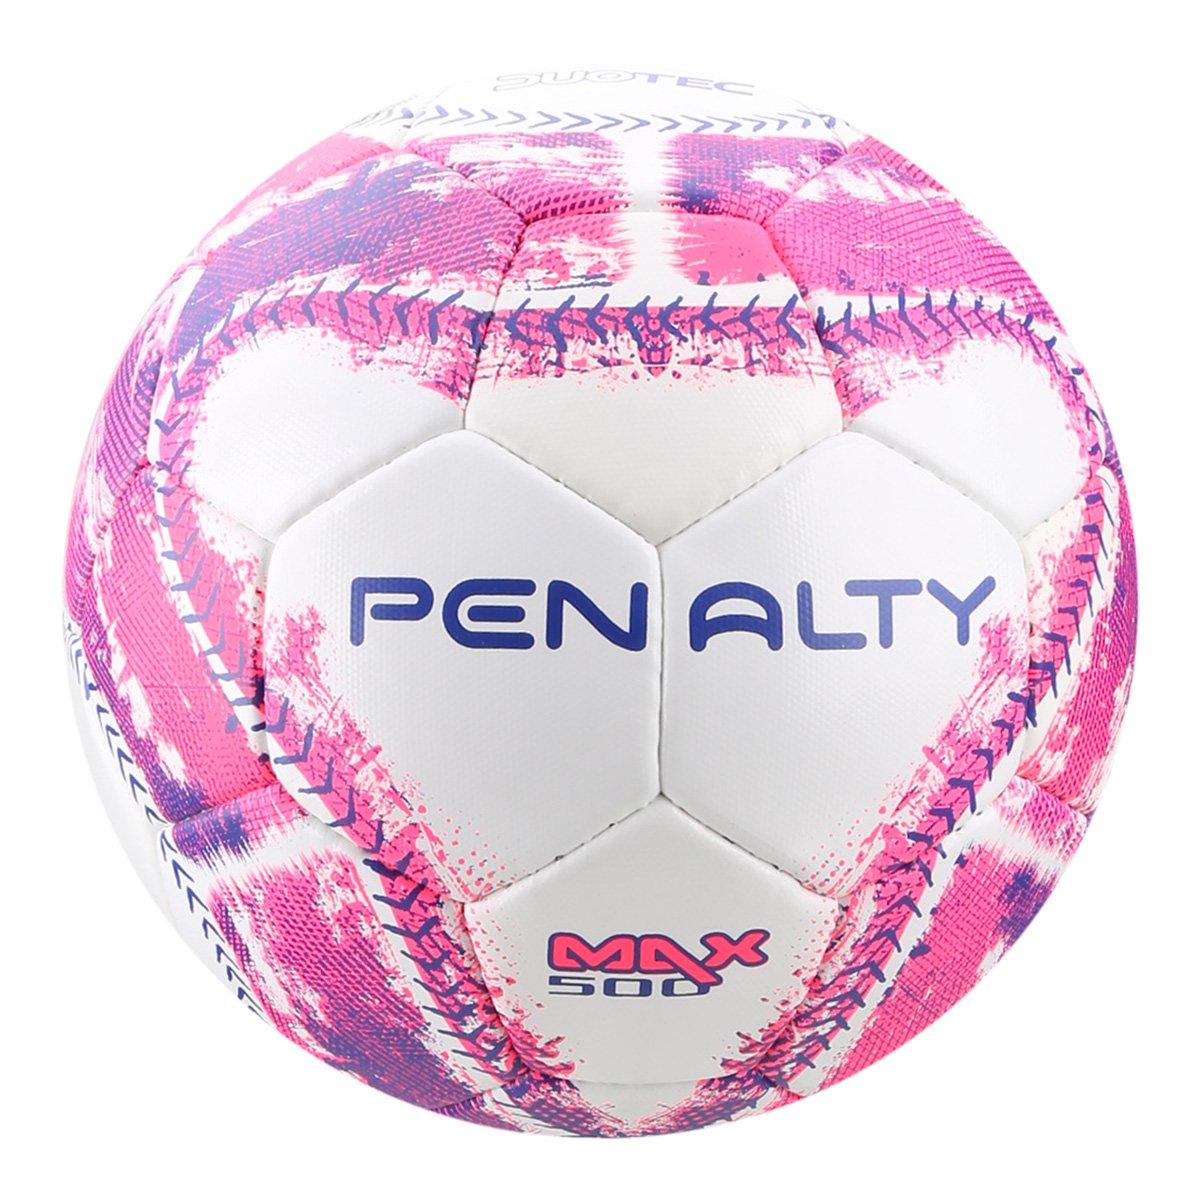 Bola de Futsal Penalty Max 500 C C IX d0355d9336502